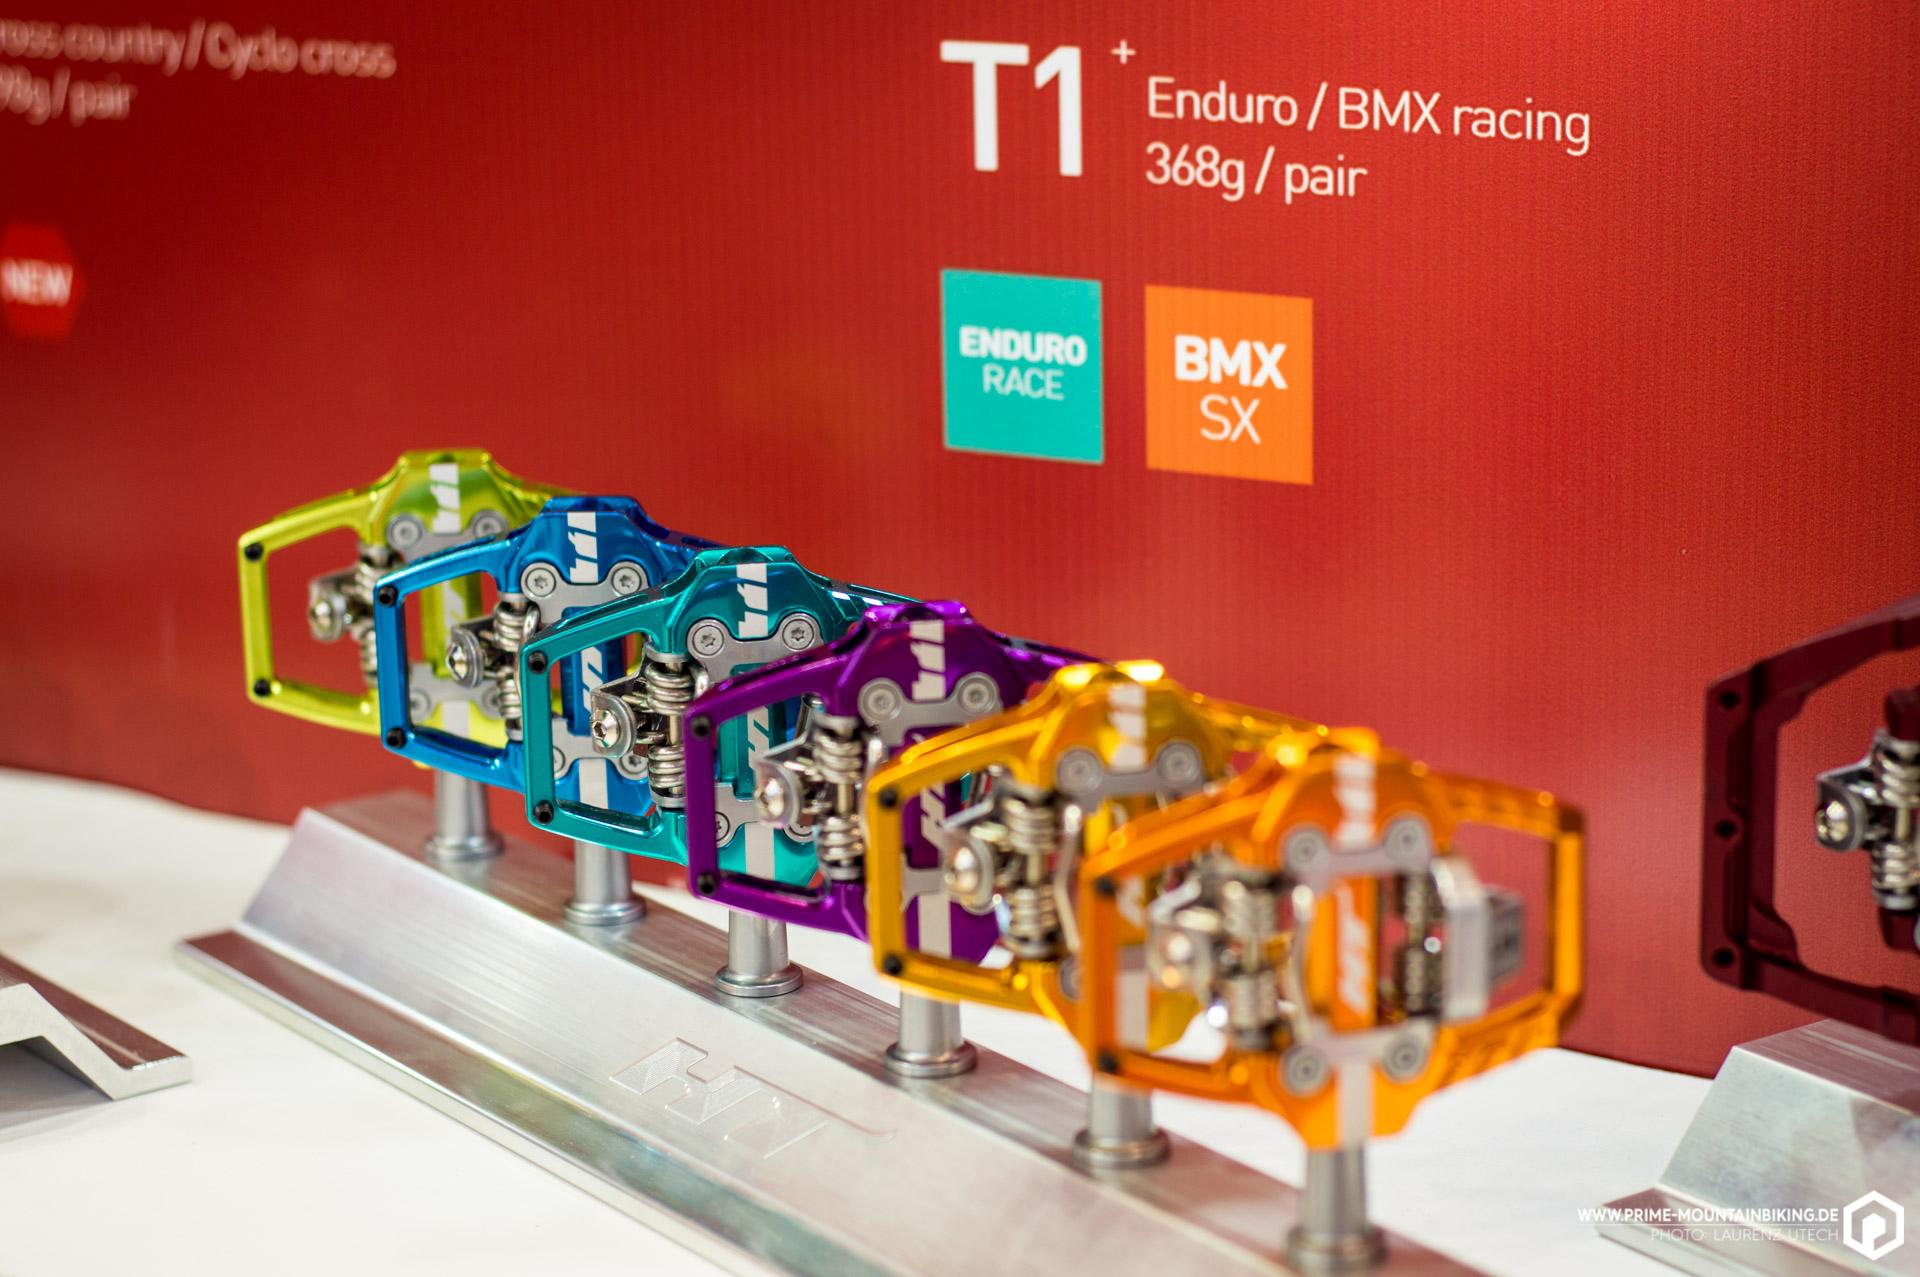 Das Pedal der Wahl von Enduro World Series Rcern wie Jerome Clementz oder Jared Graves ist das T1 Klickpedal, das auf dem eigenen Klicksystem von HT Components basiert.